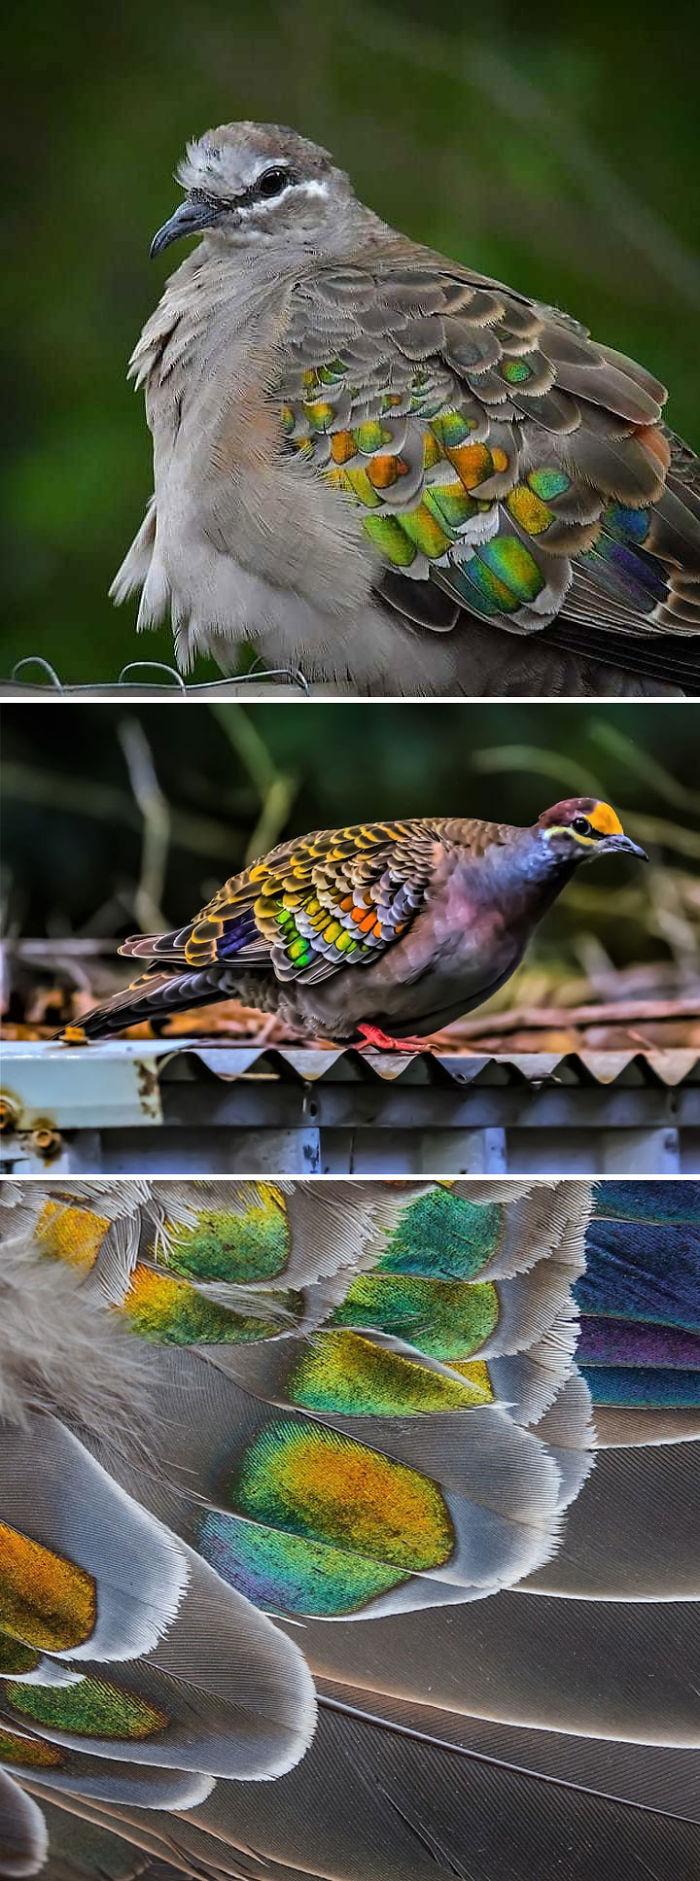 Bronzewing Pigeon